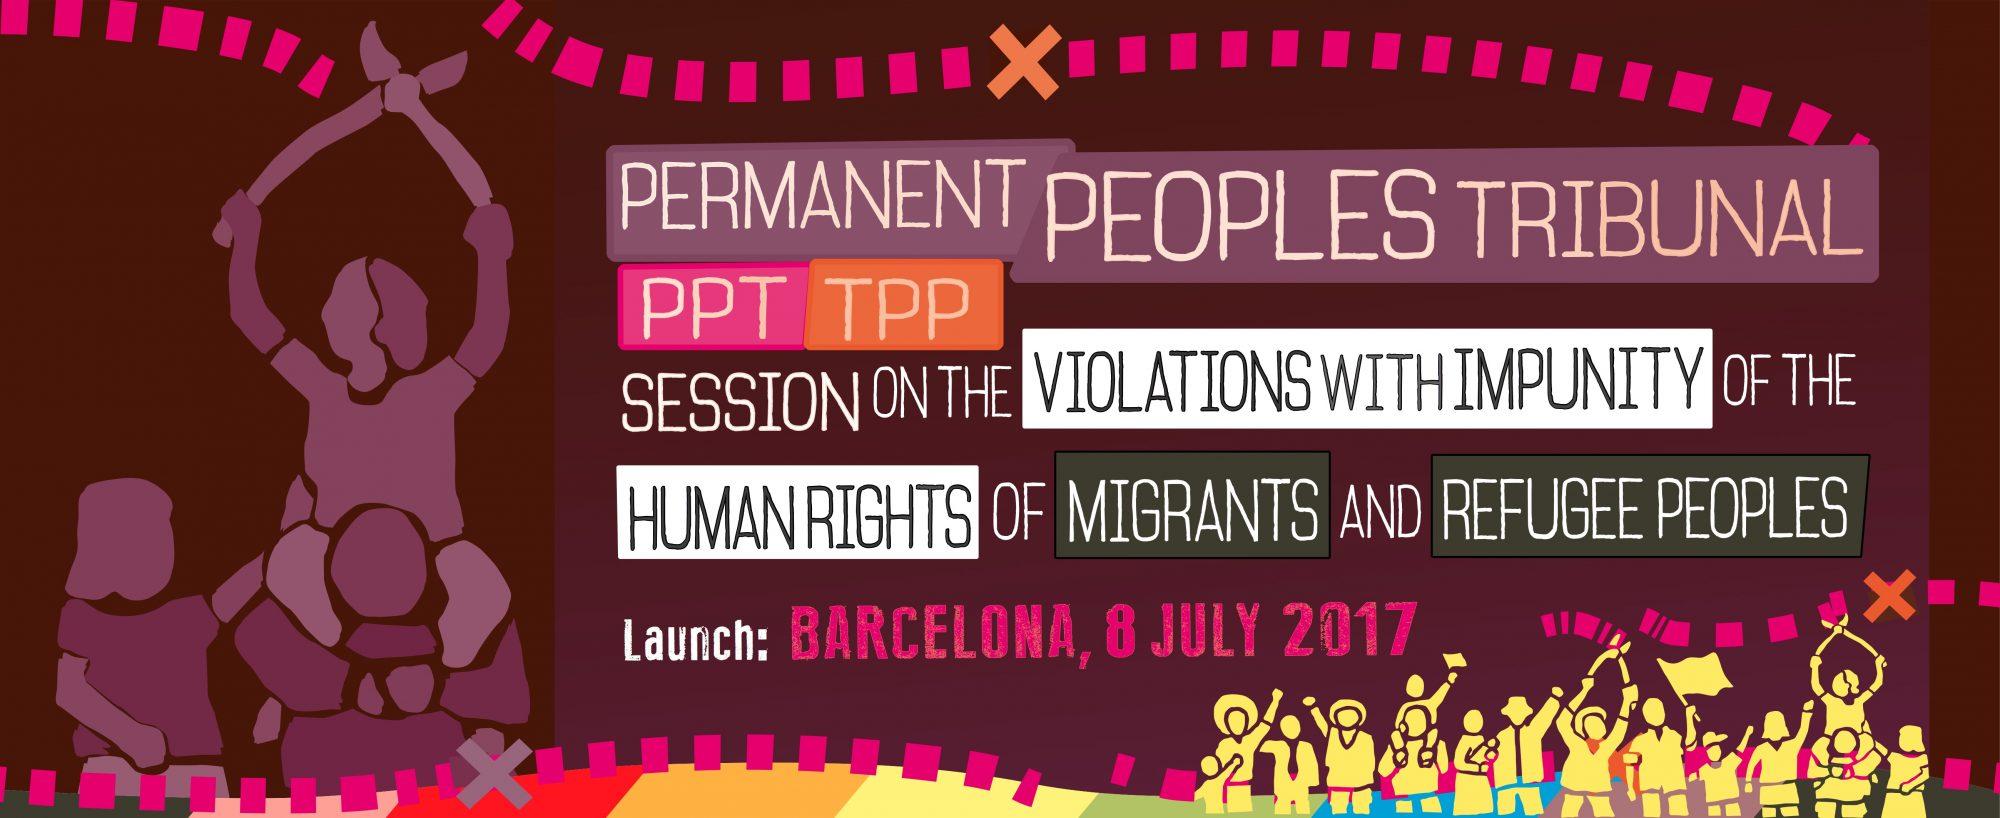 Appel international à l'organisation d'un Tribunal permanent des peuples (TPP) sur les droits des personnes migrantes et réfugiées